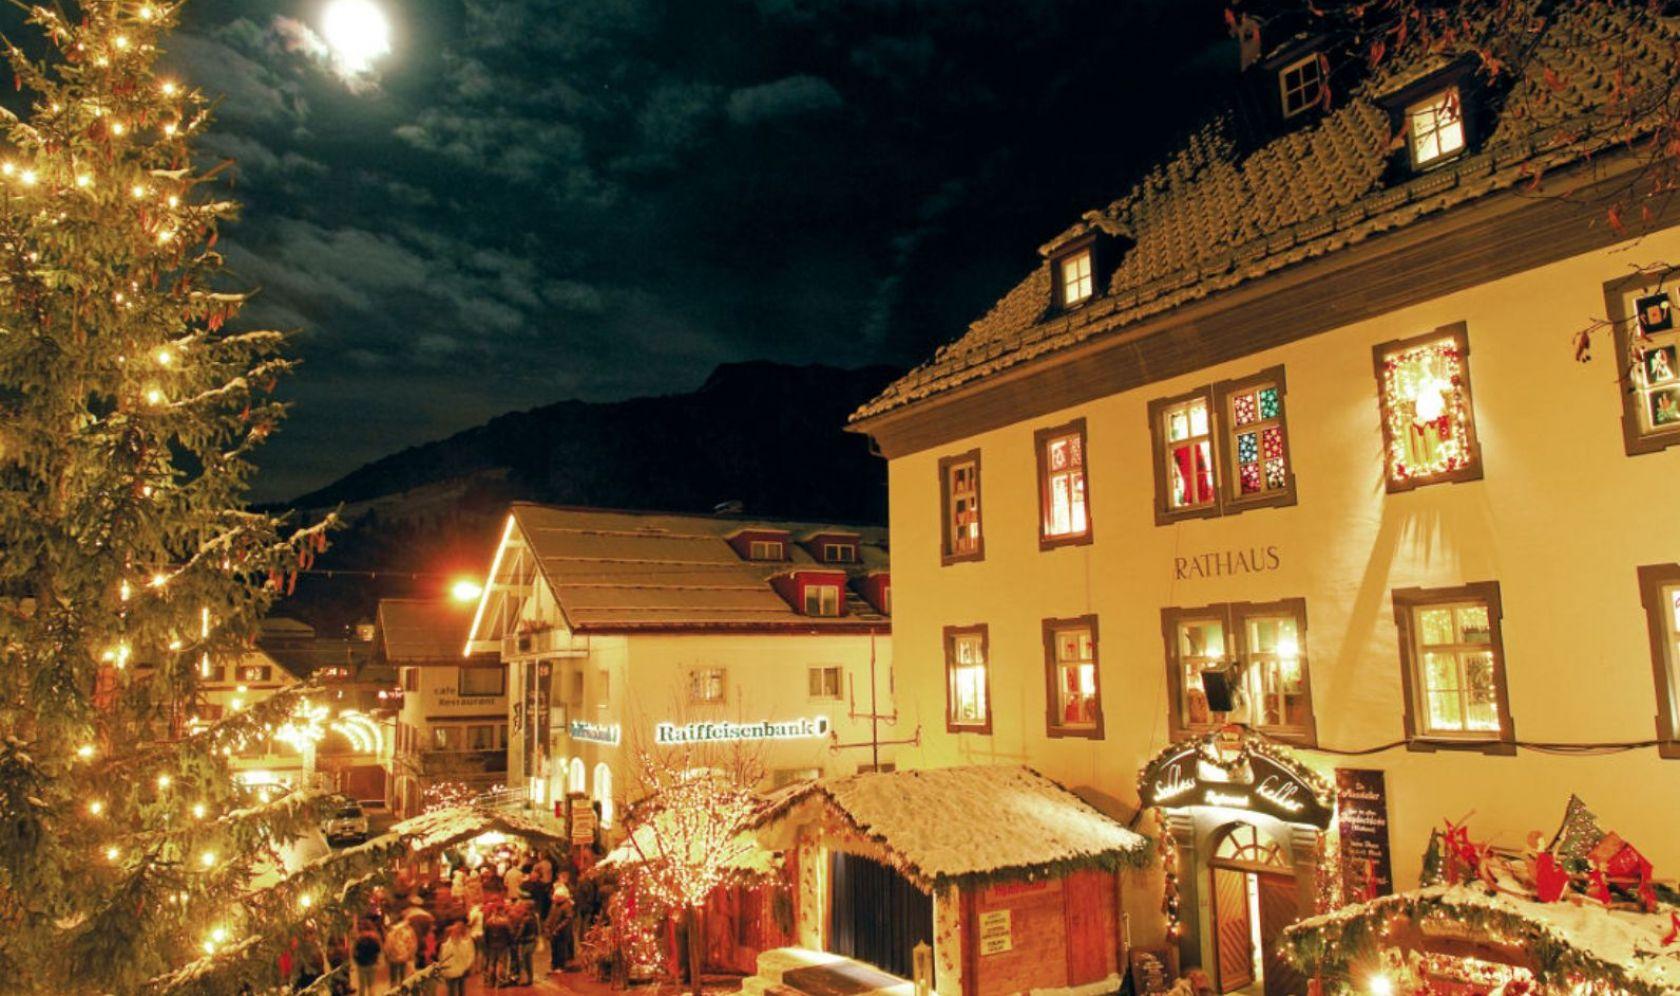 Bad Hindelang Weihnachtsmarkt.Angebote Arrangements Naturlich Hindelang